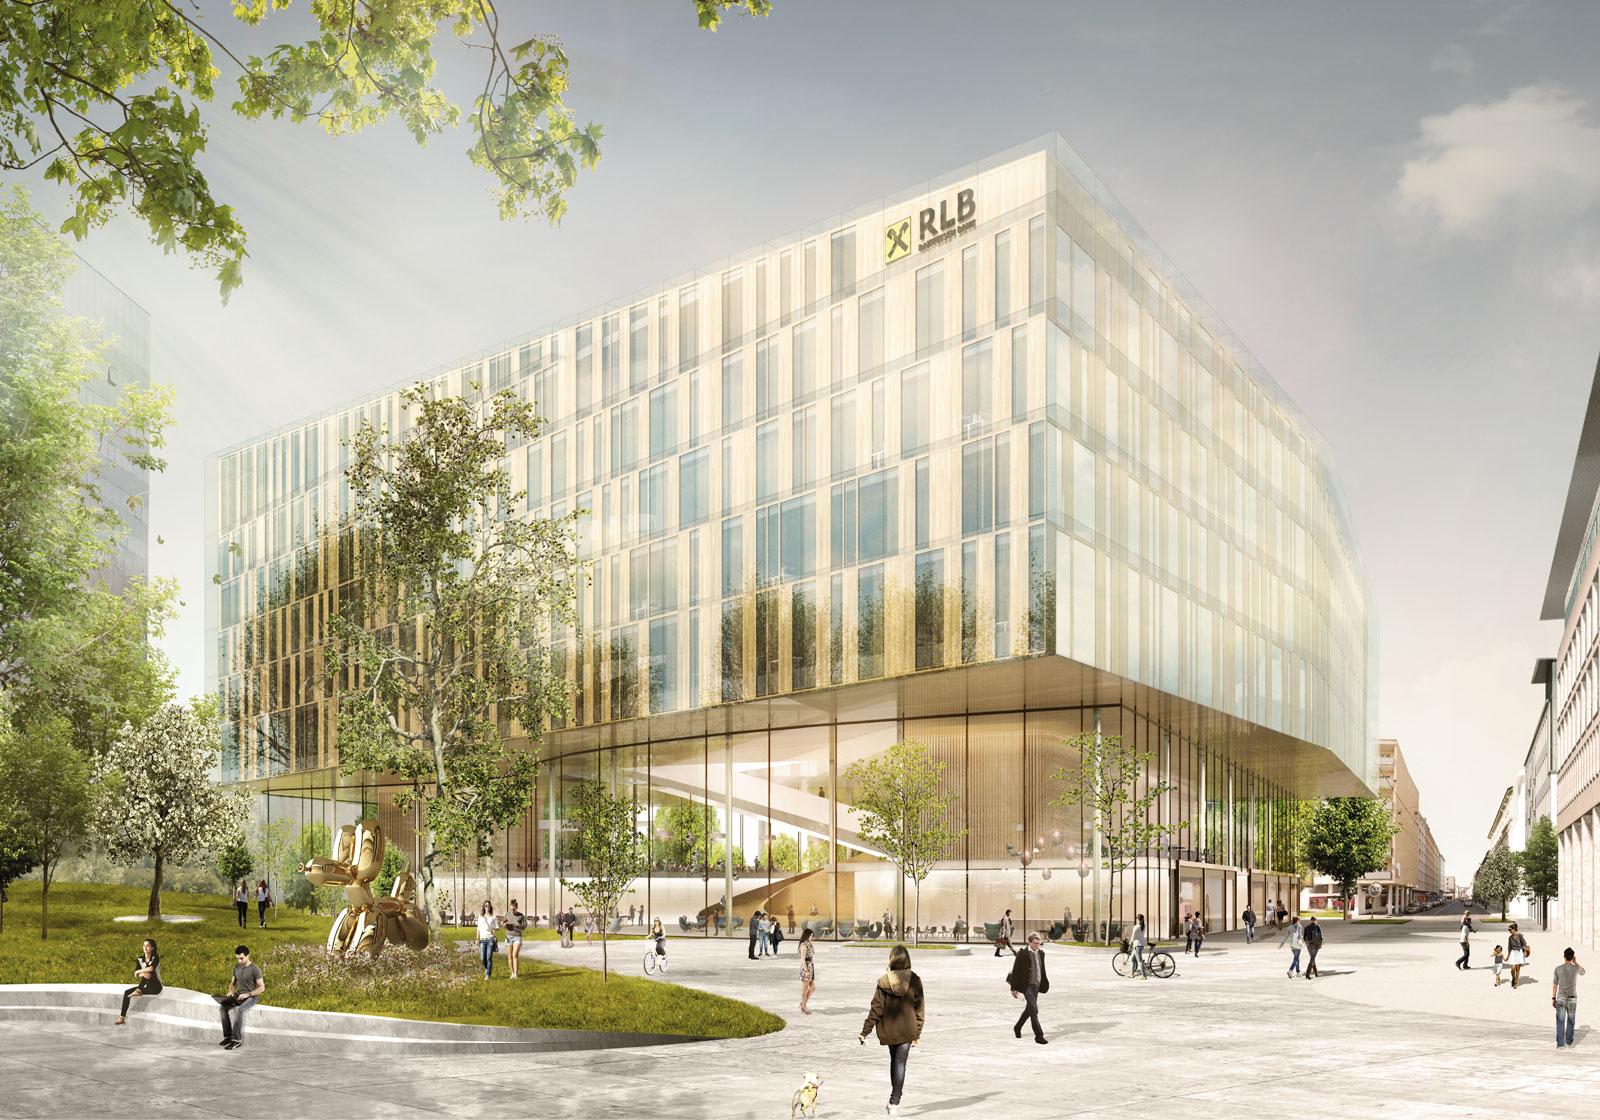 Das Gebäude spiegelt den werthaltigen Charakter des Unternehmens wider. Visualisierung: ATP